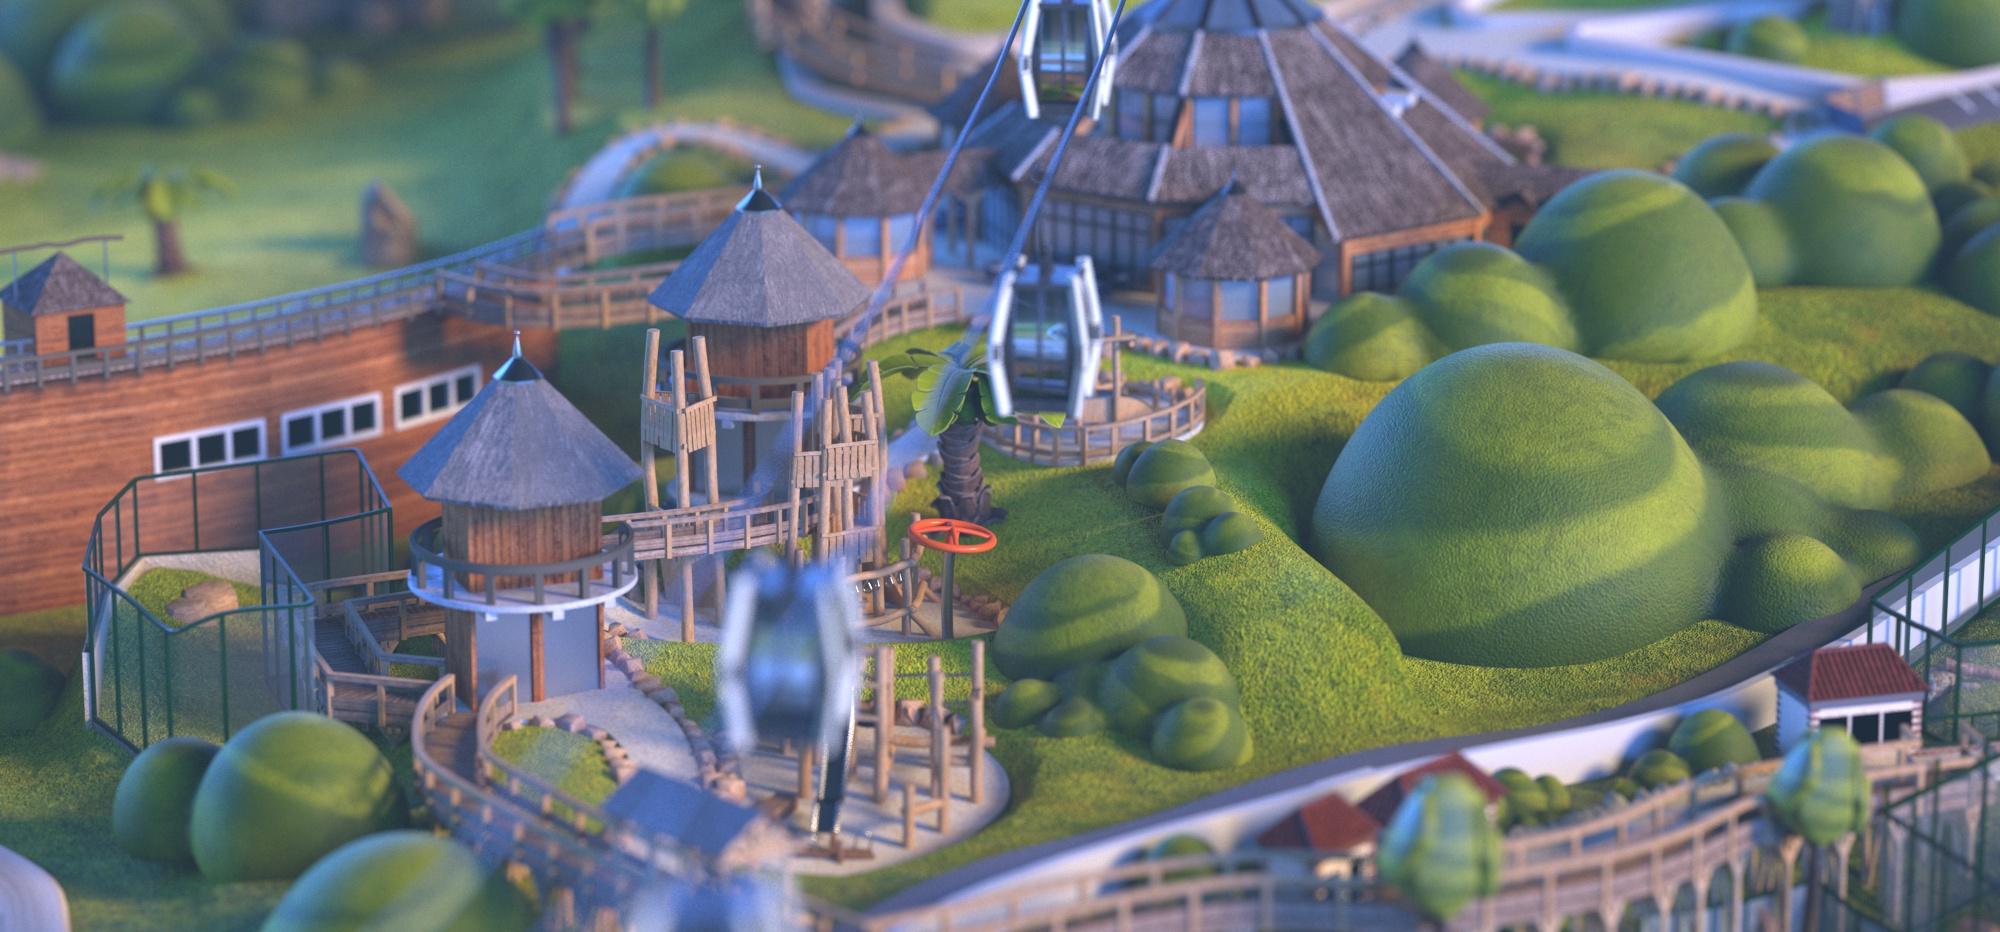 GALERIE-Dripmoon-Studio-3D-Tours-Motion-design-Zooparc-de-Beauval-Plan-du-parc 9